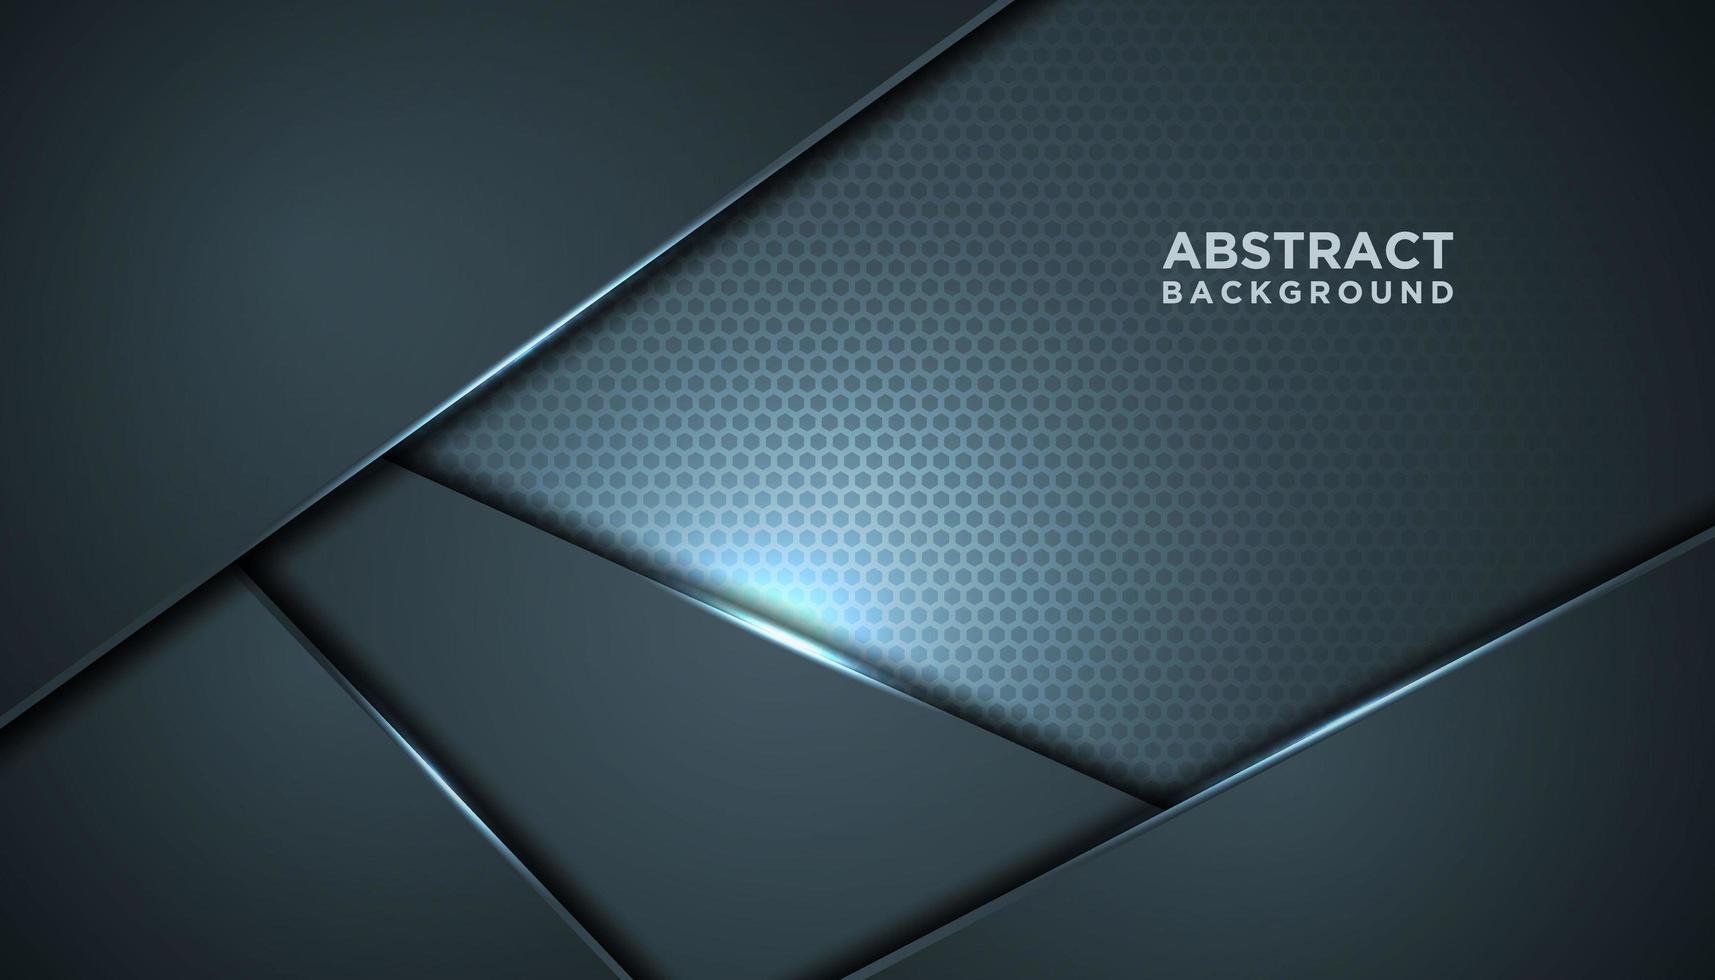 innovativer Hintergrund des abstrakten grauen Netzes vektor